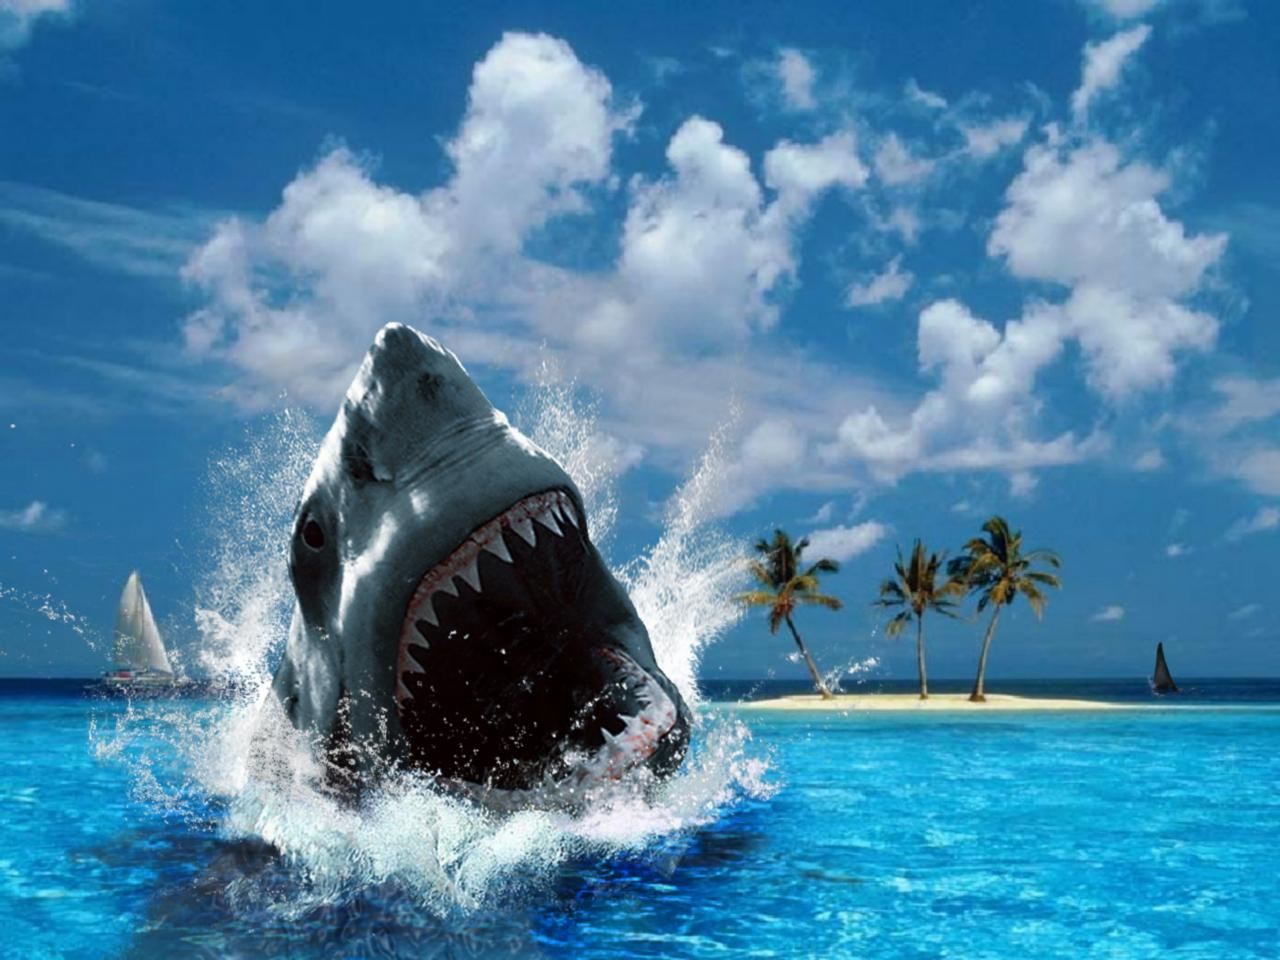 http://2.bp.blogspot.com/-NkNEjaISROE/ULs3OvsZwAI/AAAAAAAAA6Q/HdqFfuO6VDA/s1600/wallpaper%2Bdesktop1-nacozinhacomamalves.blogspot.com-shark-action-shot-wallpaper.jpg